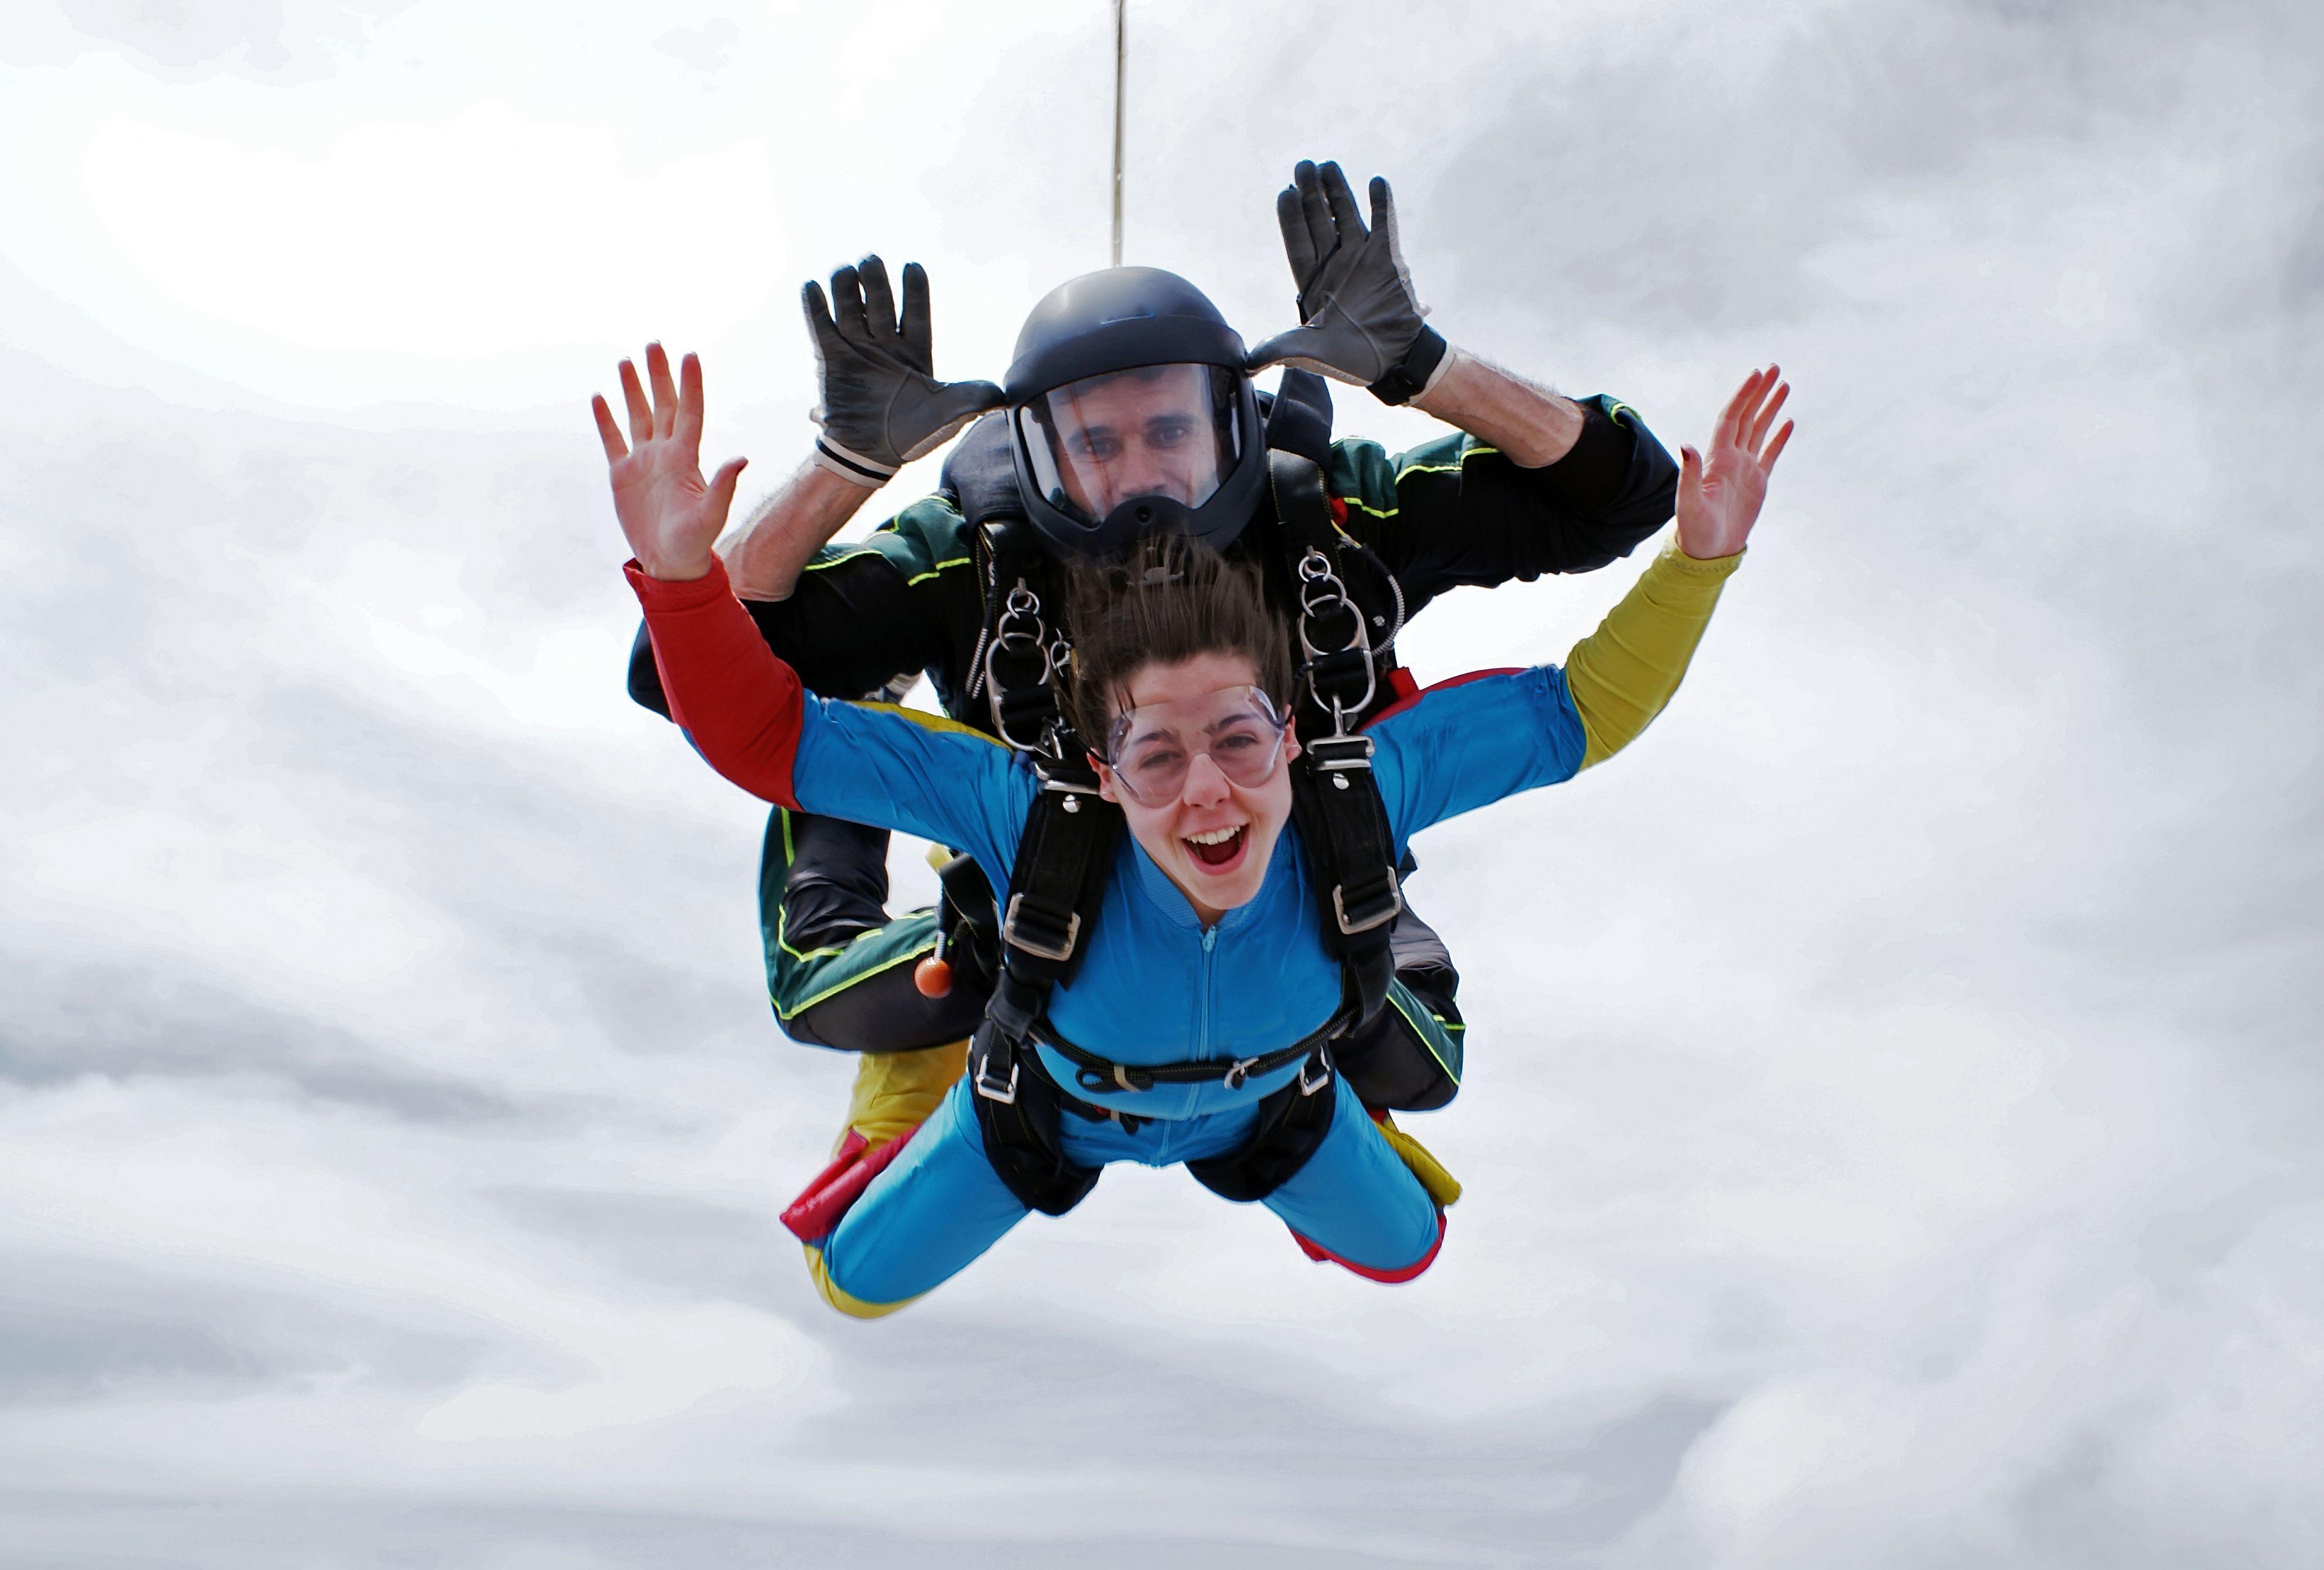 Необычный подарок — прыжок с парашютом. Боитесь делать это в одиночку — берите прыжок с инструктором. Фото: SHUTTERSTOCK